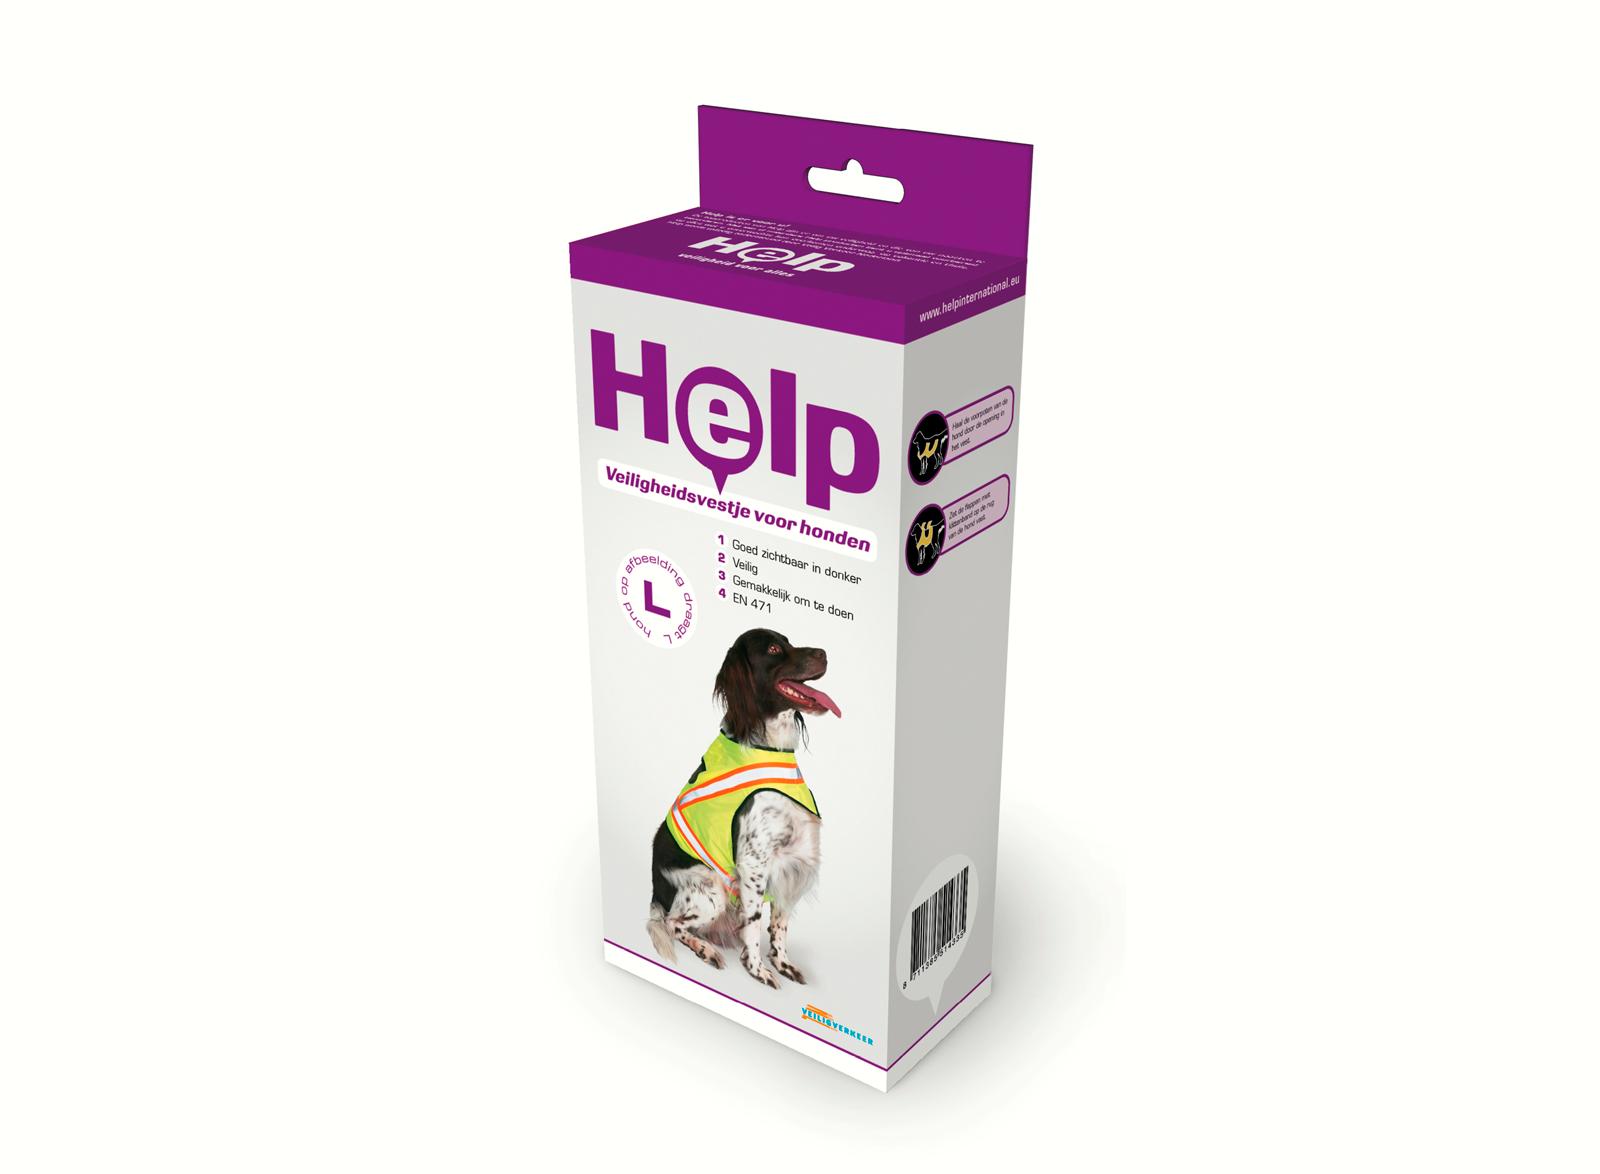 Help verpakking voor een veiligheidsvestje voor een hond